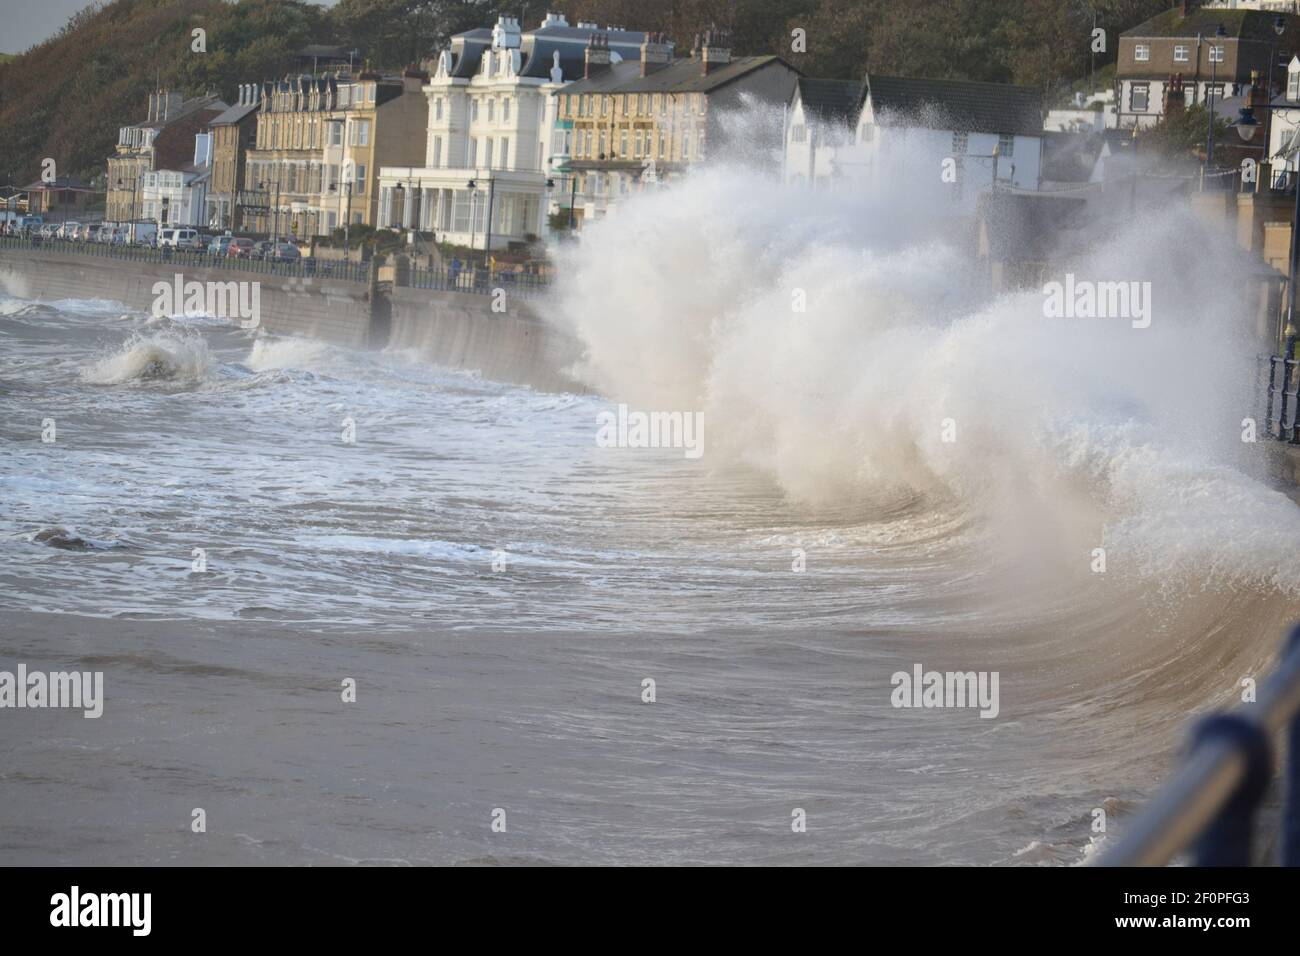 Stürmische Nordsee - Wellen krachen in die Meereswand - Weißwasser - starkes Wasser - gefährliches Meer - Klimawandel - Wetter - Filey Bay - Yorkshire UK Stockfoto